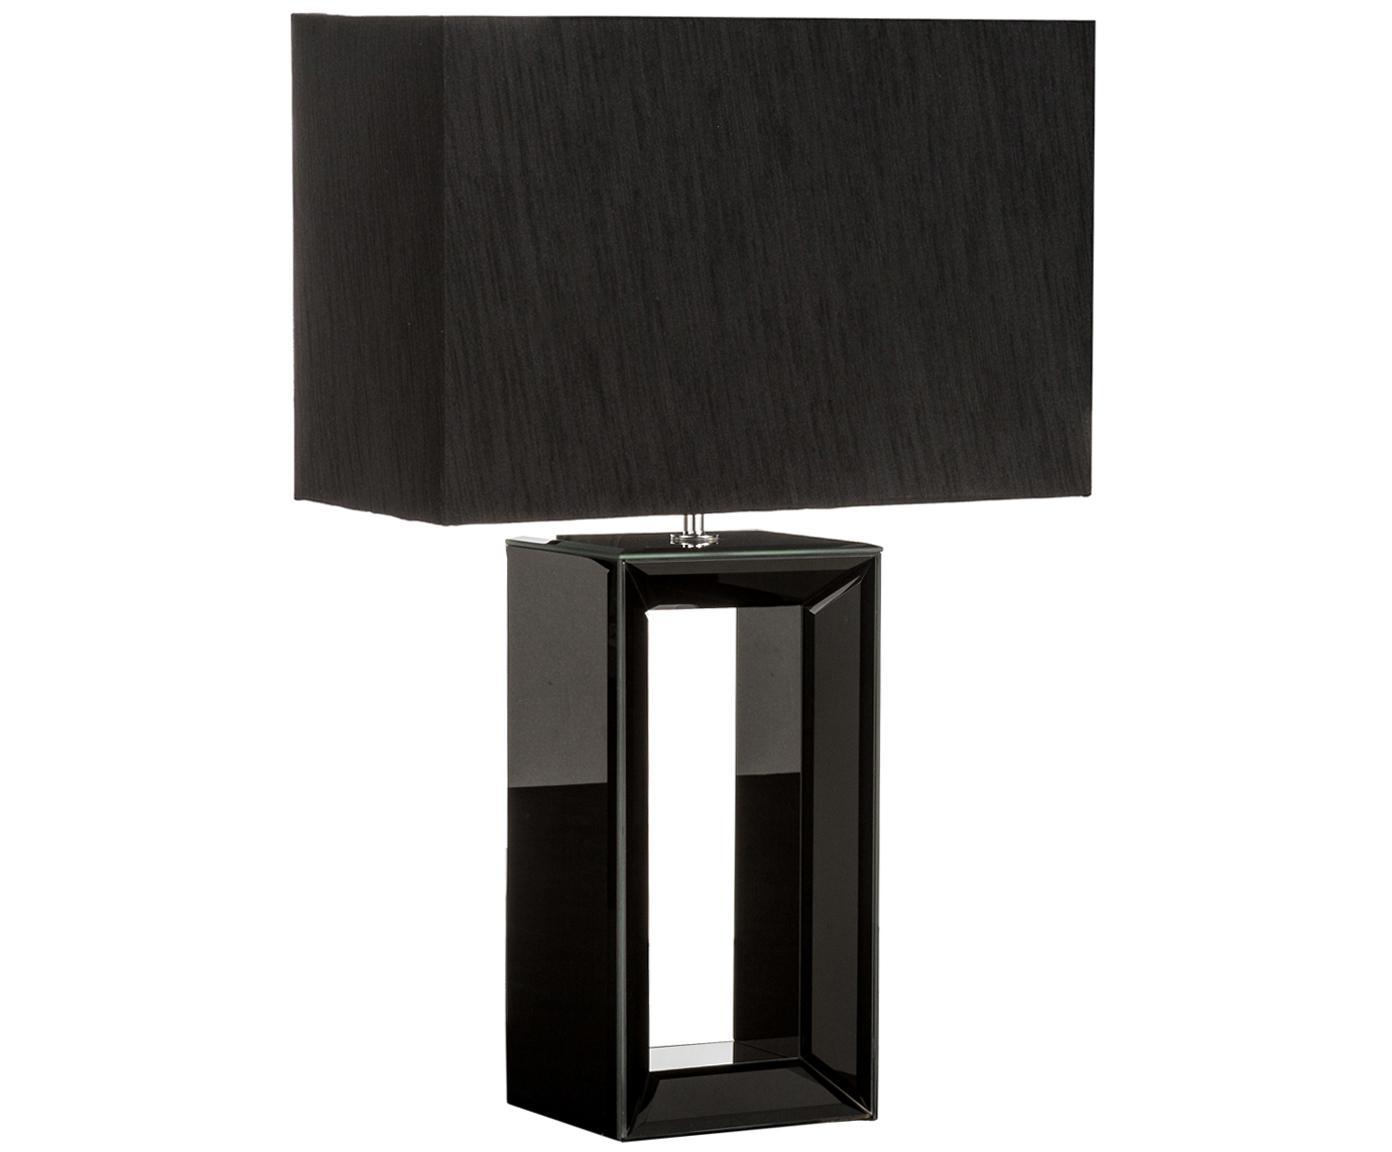 Große Tischleuchte Serafina aus Spiegelglas, Lampenfuß: Spiegelglas, Lampenschirm: Textil, Lampenfuß: Schwarz, verspiegelt<br>Lampenschirm: Schwarz, 38 x 58 cm